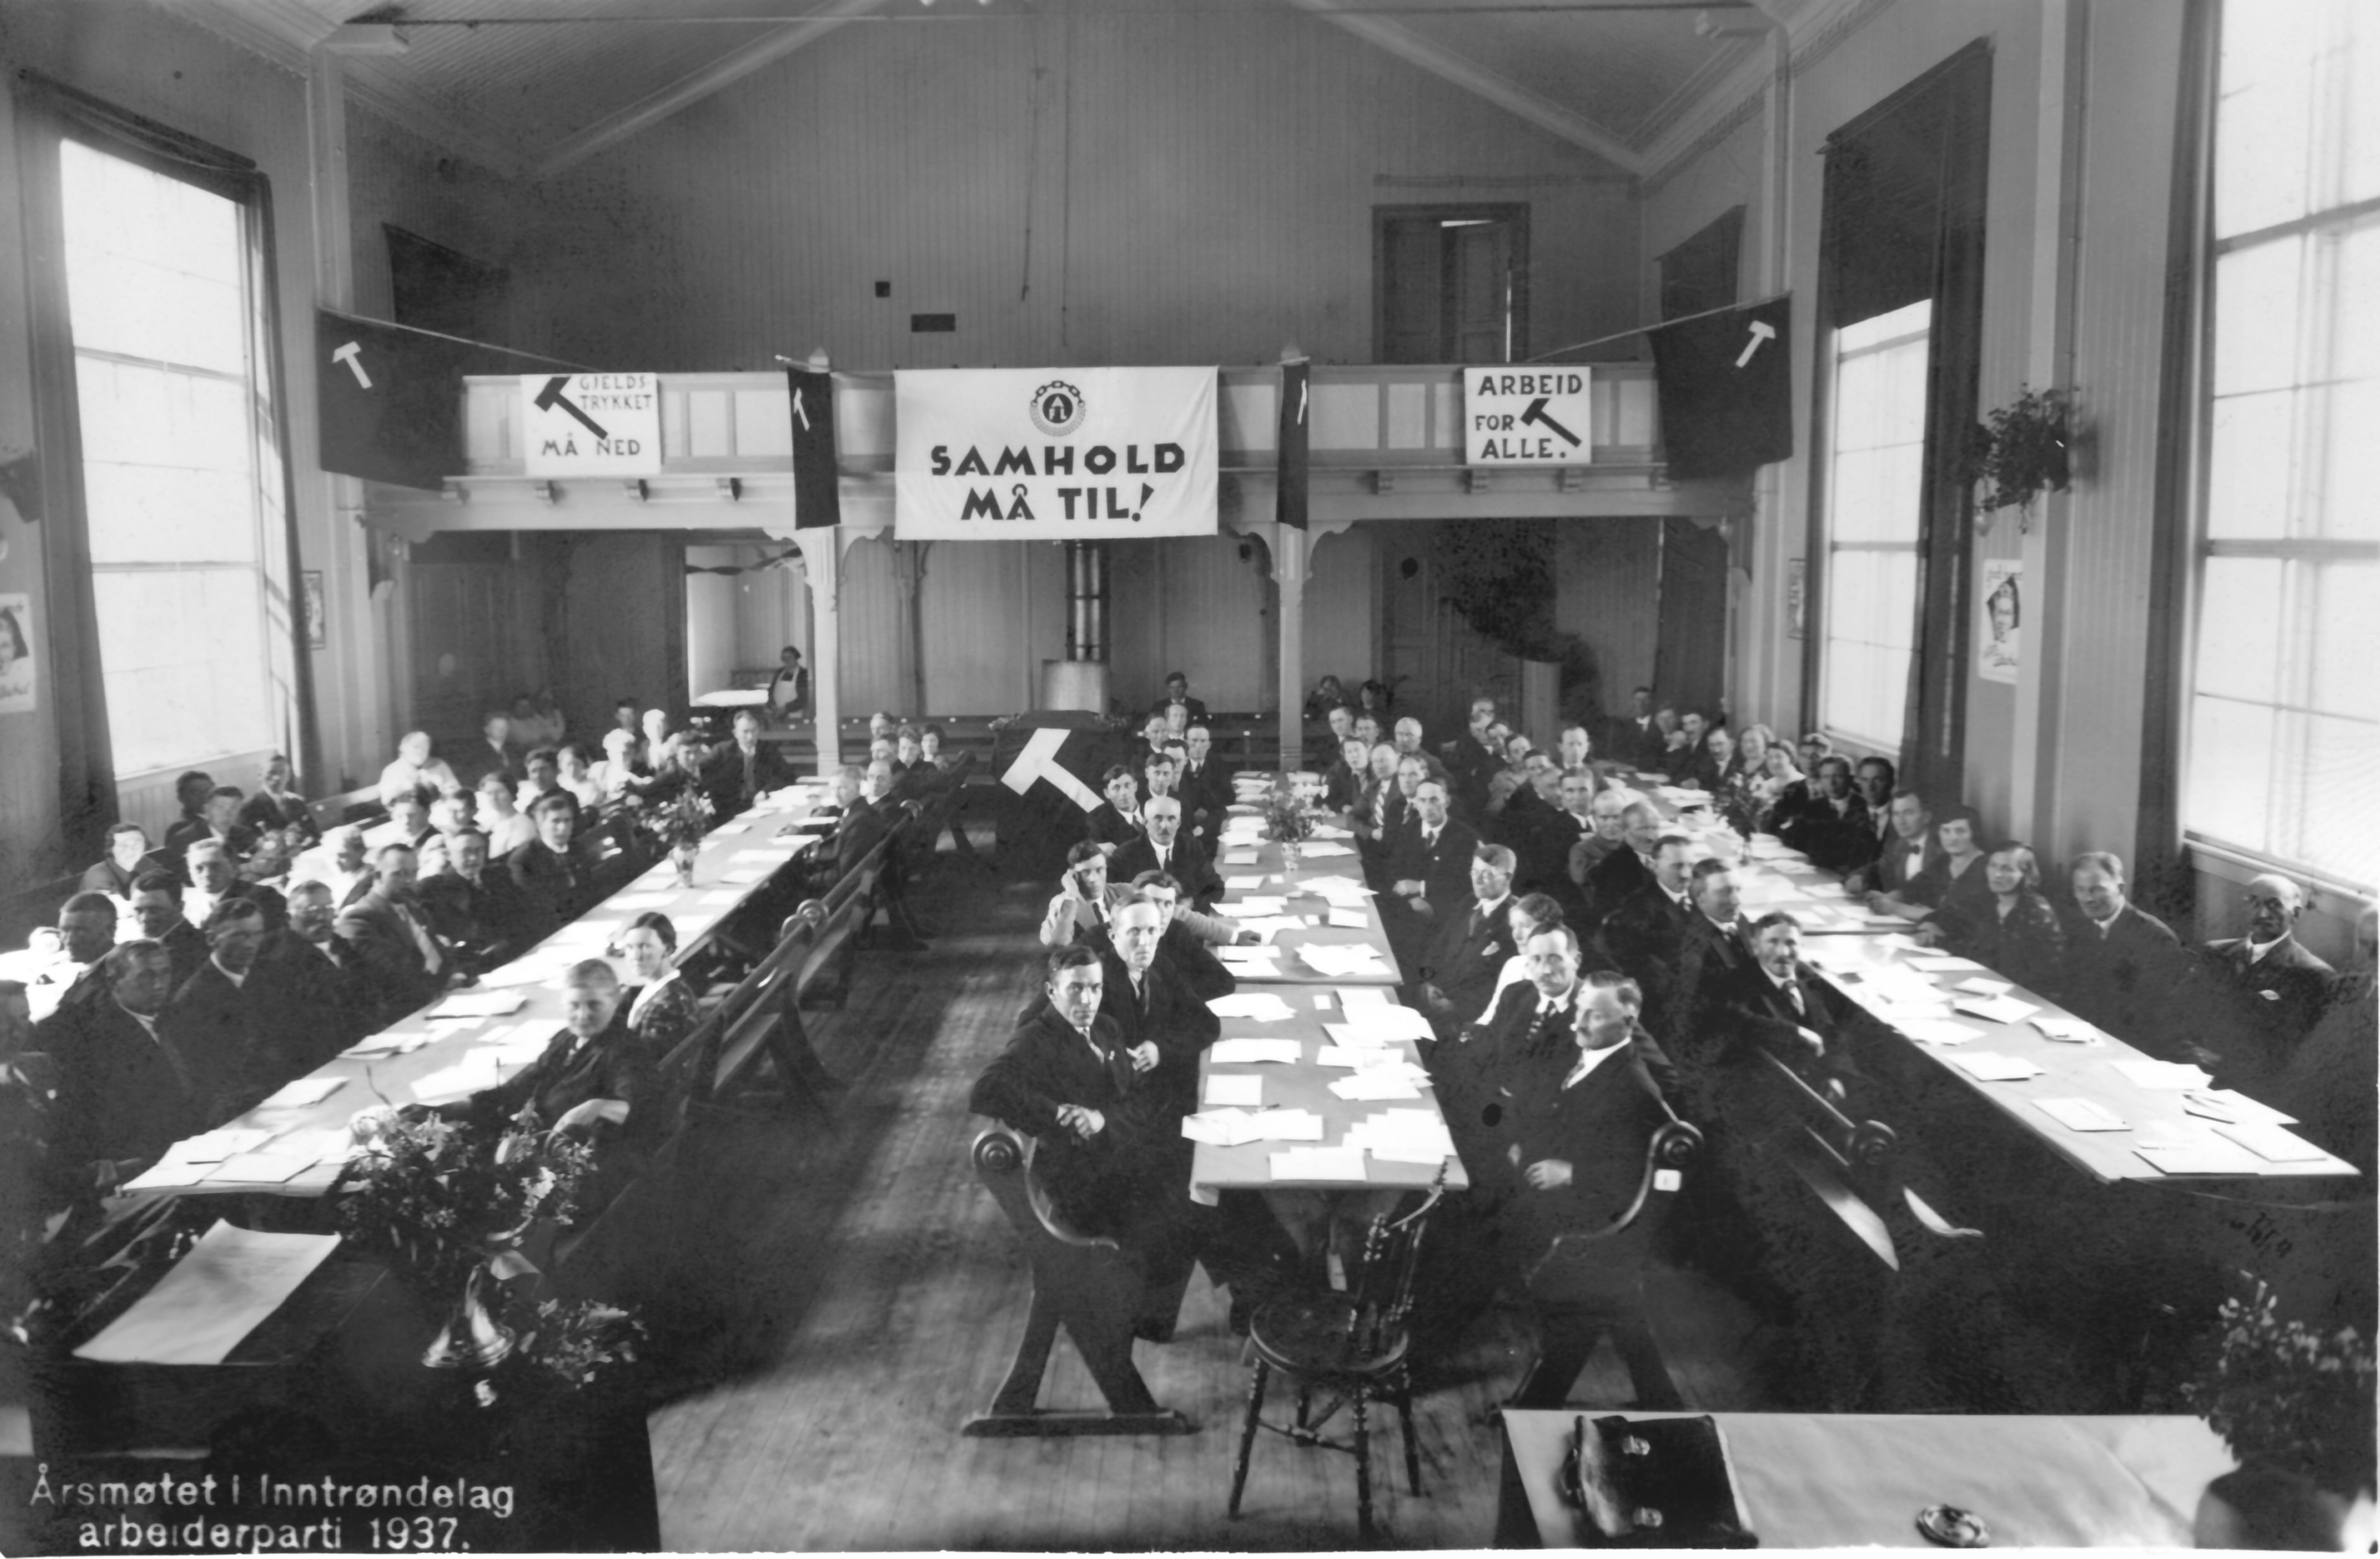 Årsmøte i Inntrøndelag arbeiderparti i 1937. Ukjent fotograf, scannet av Gunnar E. Kristiansen